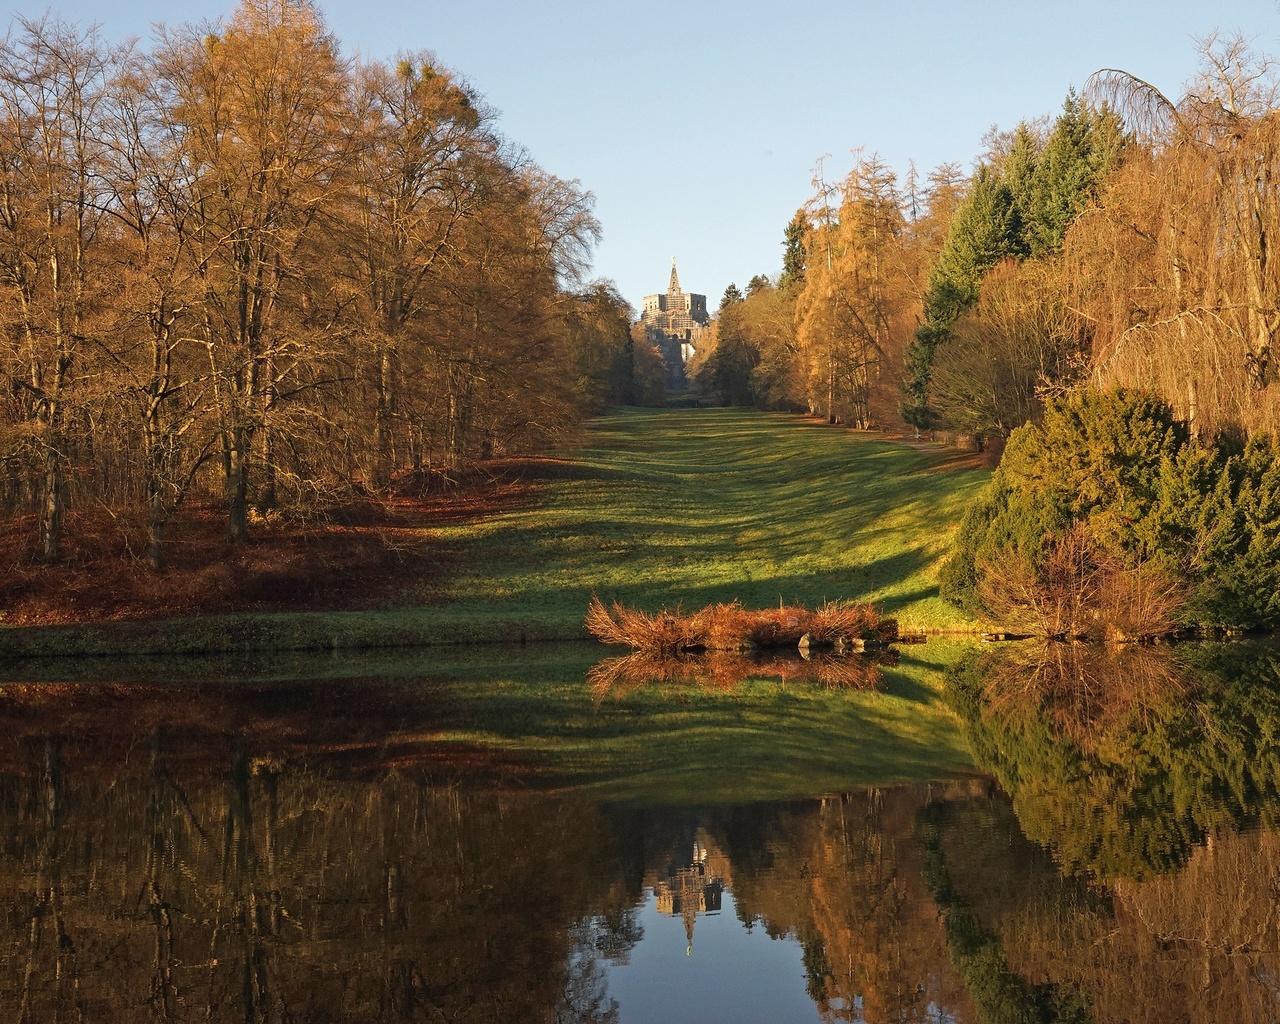 горный парк вильгельмсхёэ, кассель, германия, осень, композиция